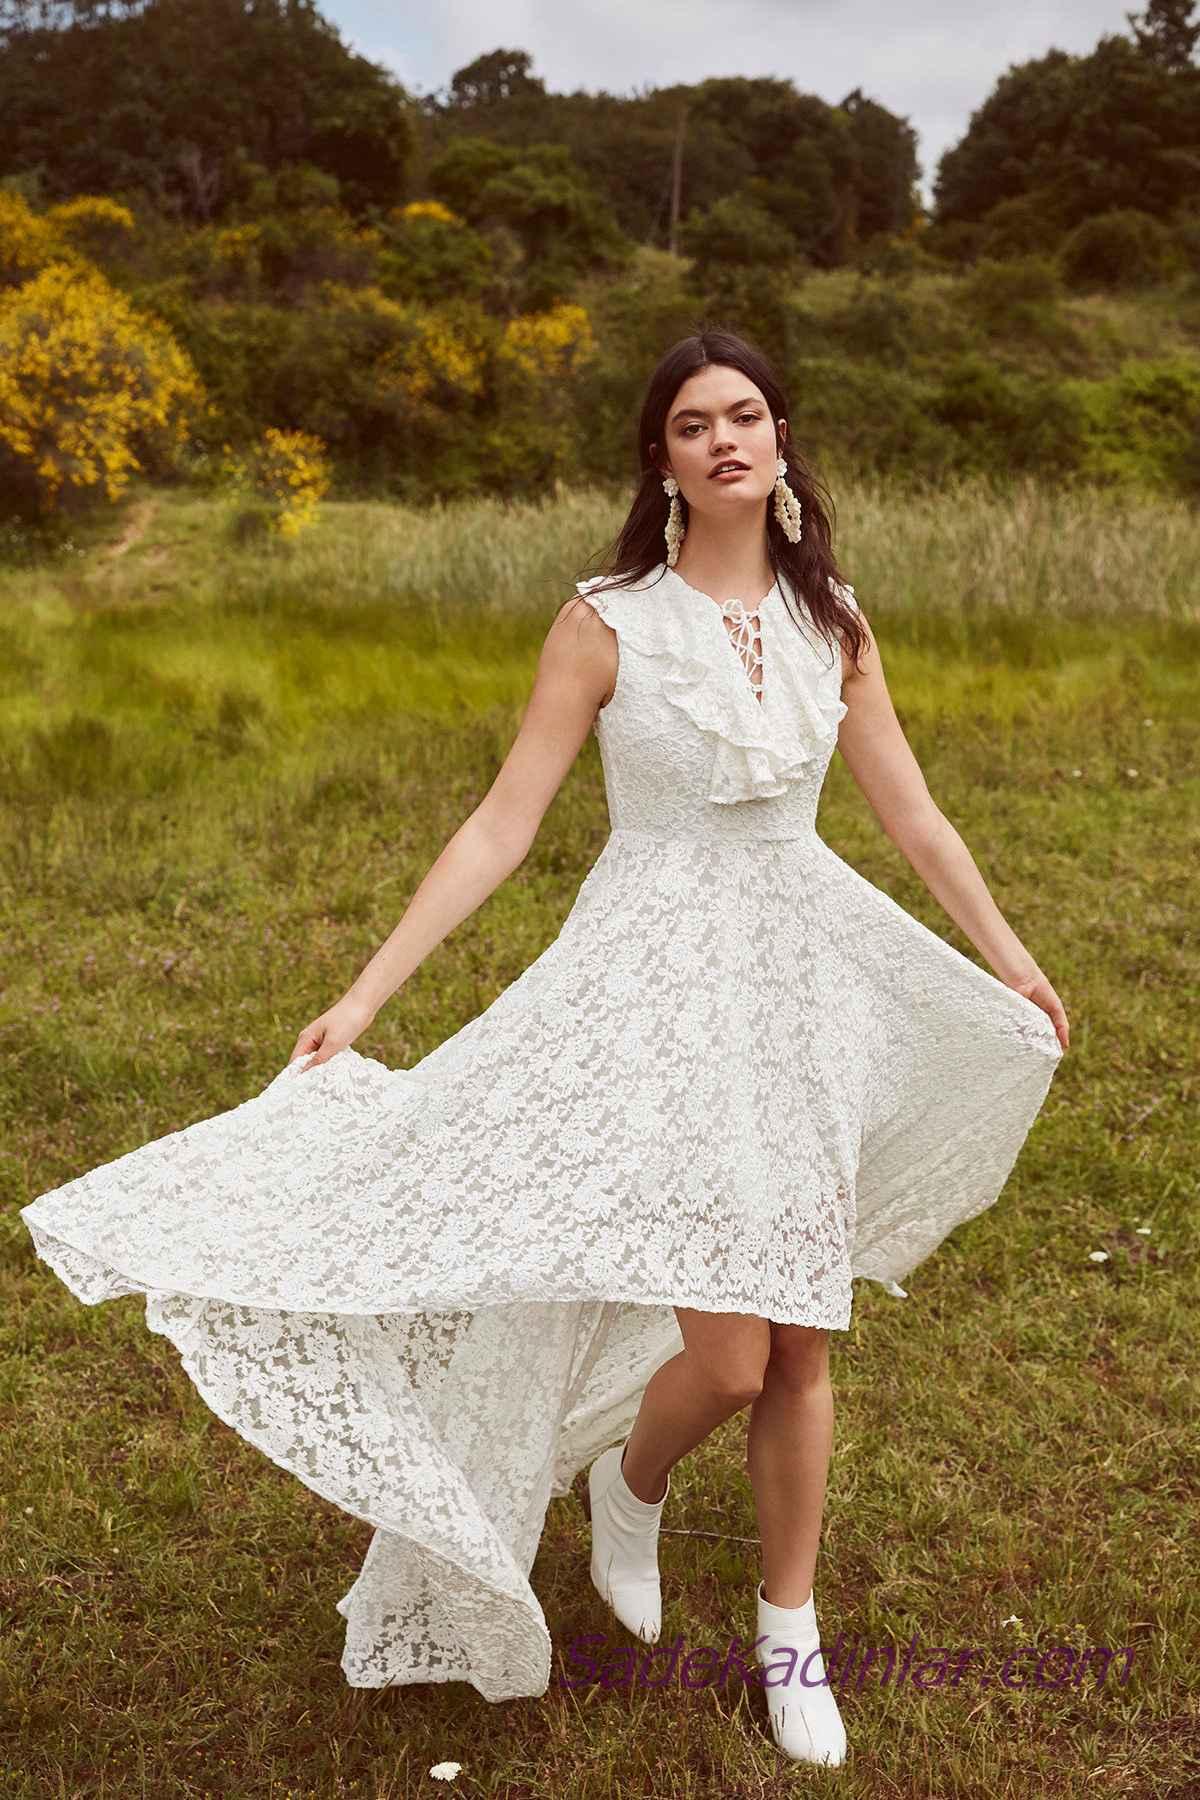 f2741a05e09d4 En Güzel 2019 Beyaz Elbise Modelleri Ön Kısa Arkası Uzun Kolsuz Bağcıklı  Yaka Dantel. «